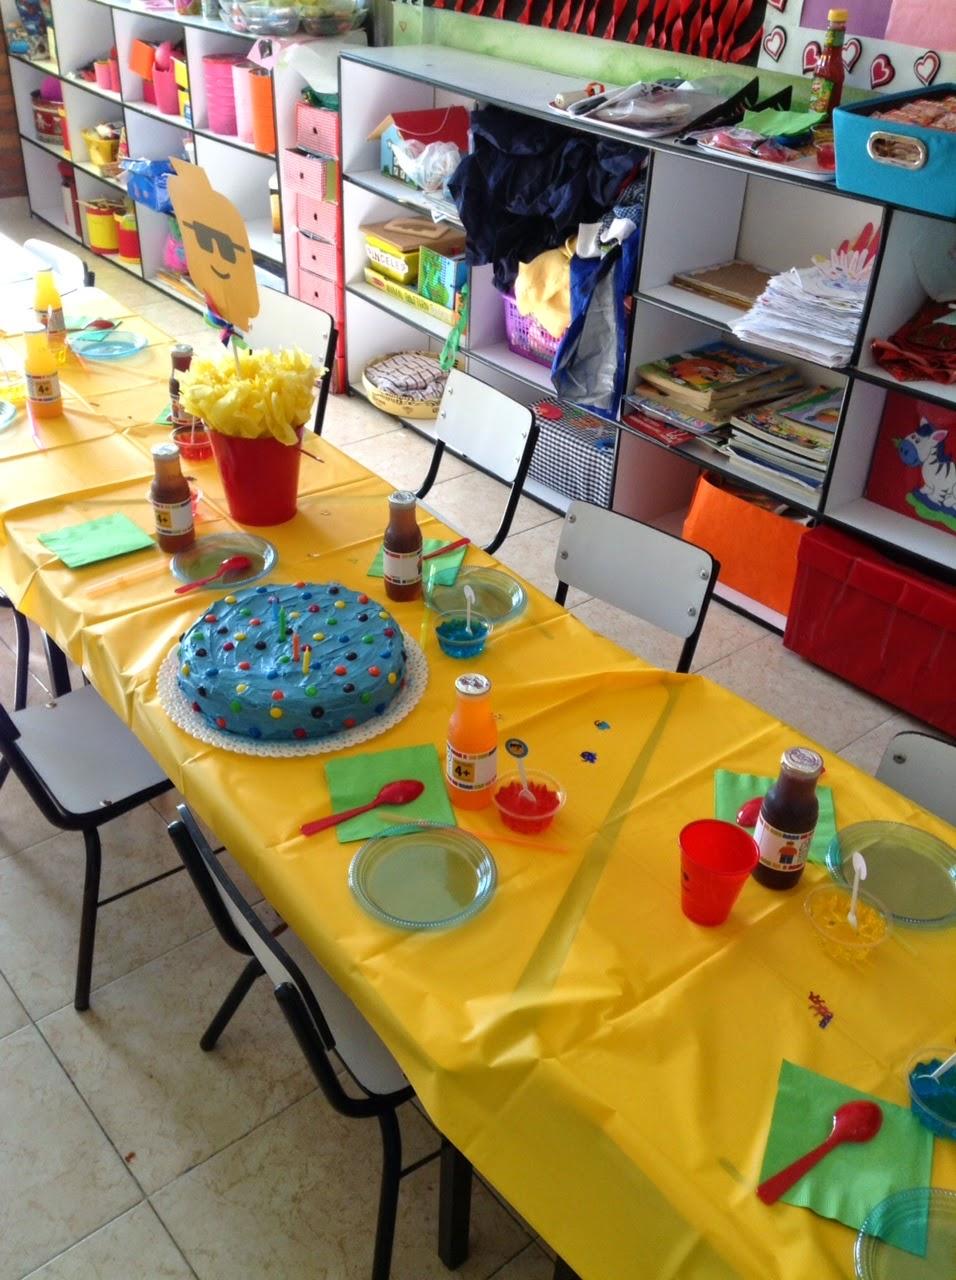 Parttis la colorida fiesta lego de pato en la escuela for Decoracion escuela